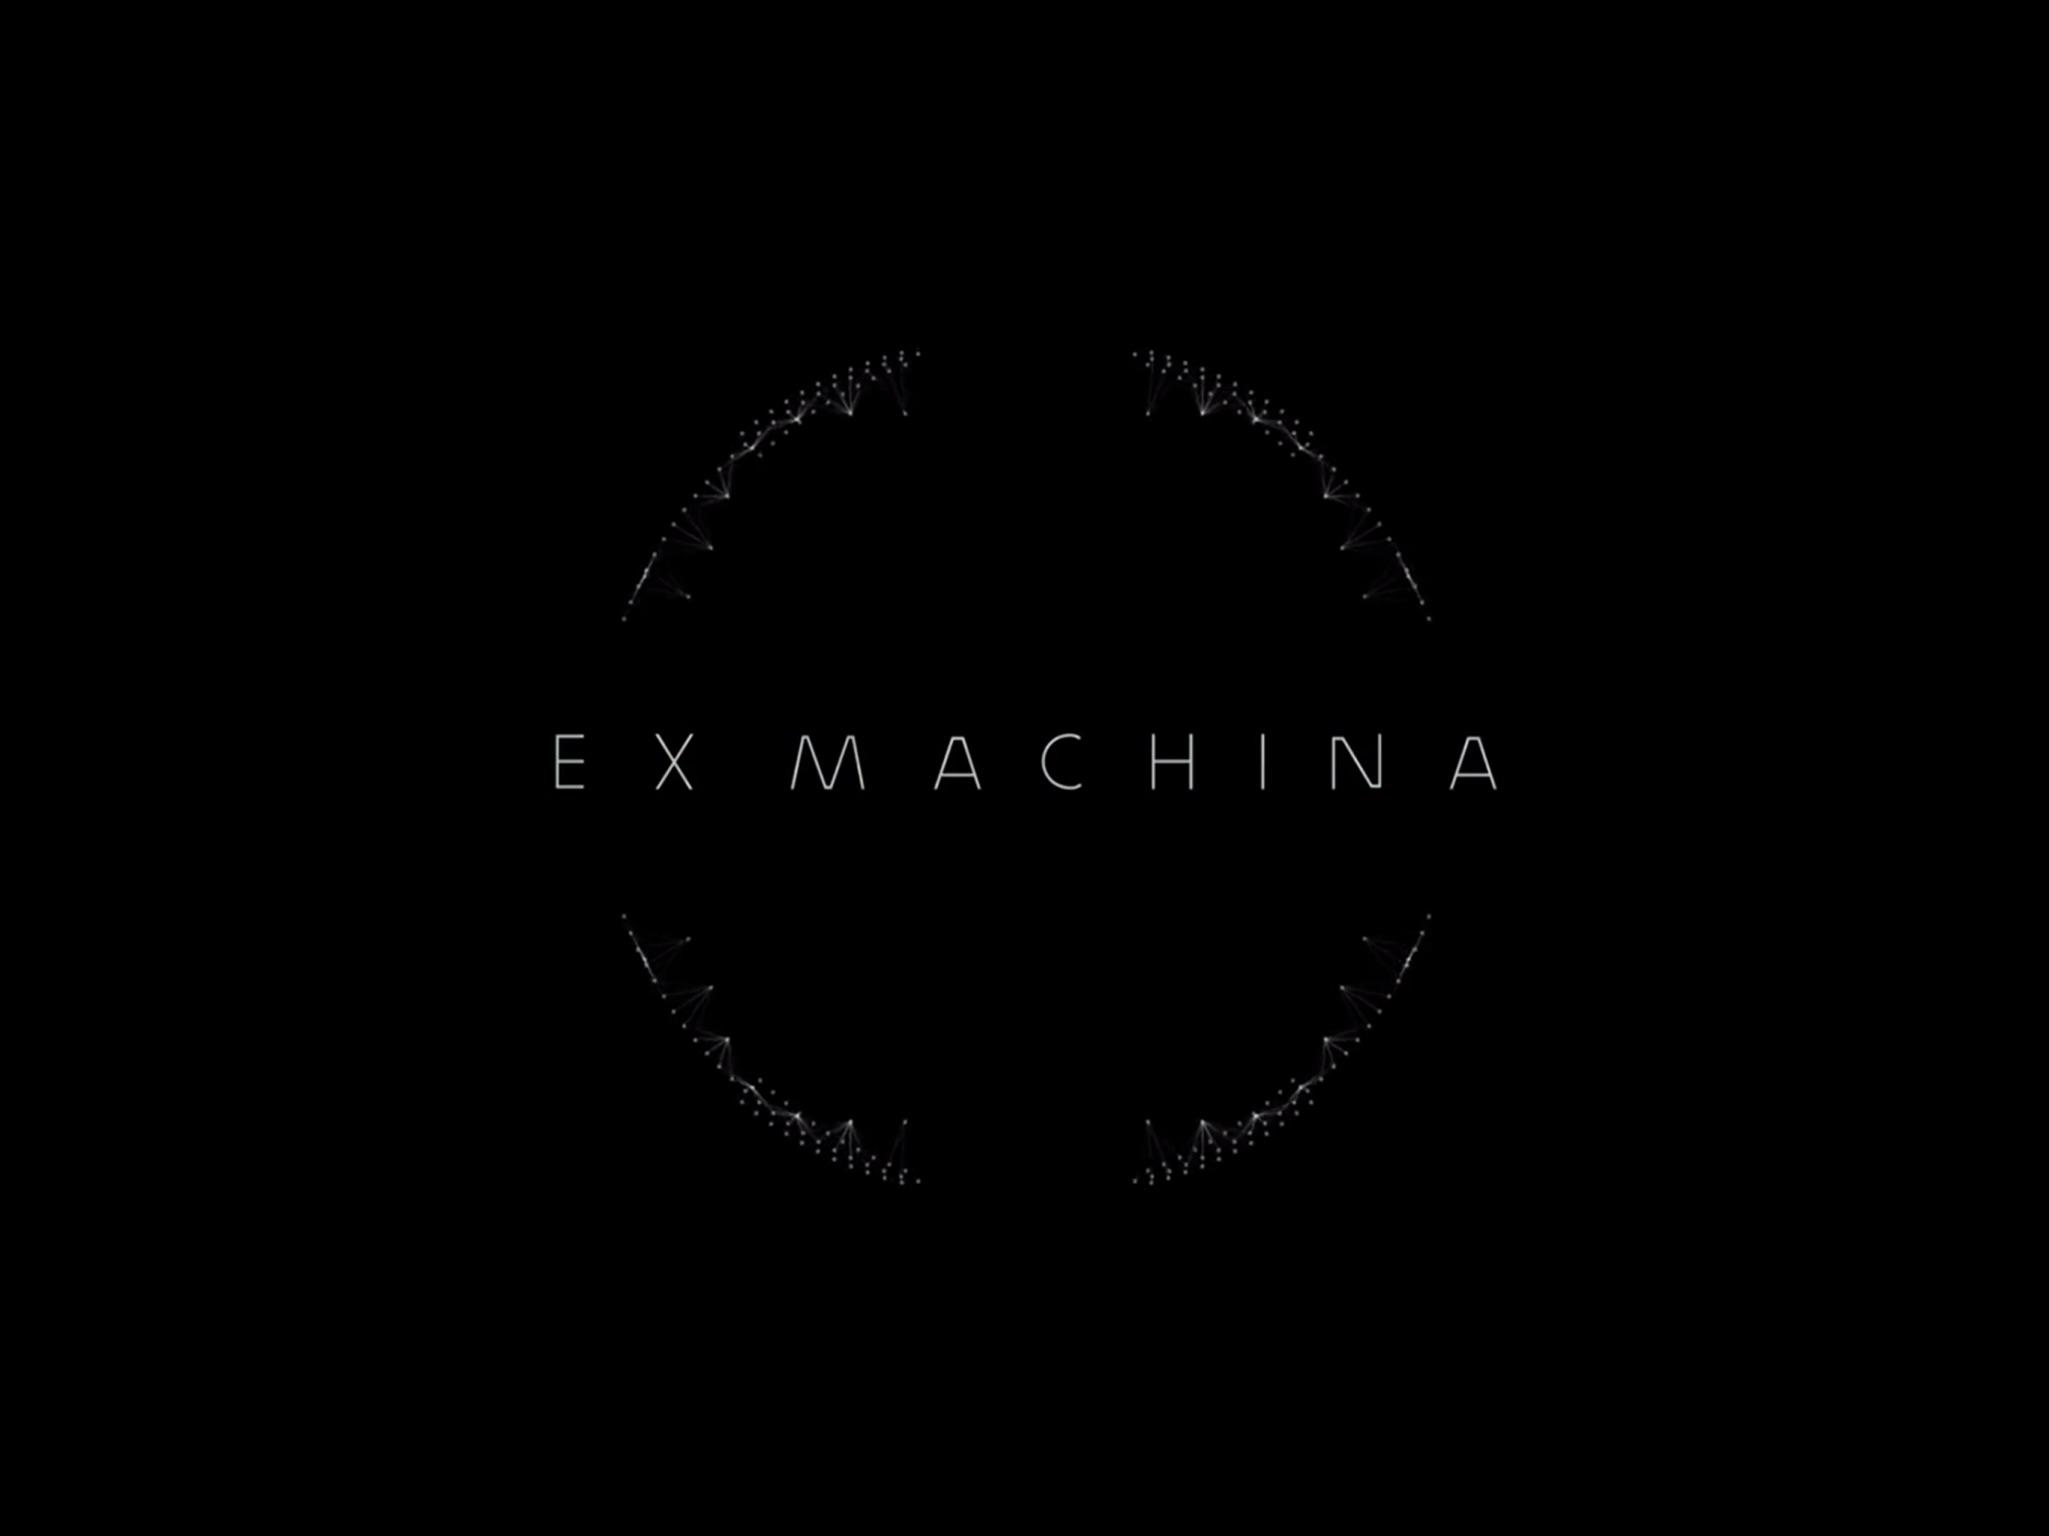 ex-machina-movie-screenshot-62.JPG